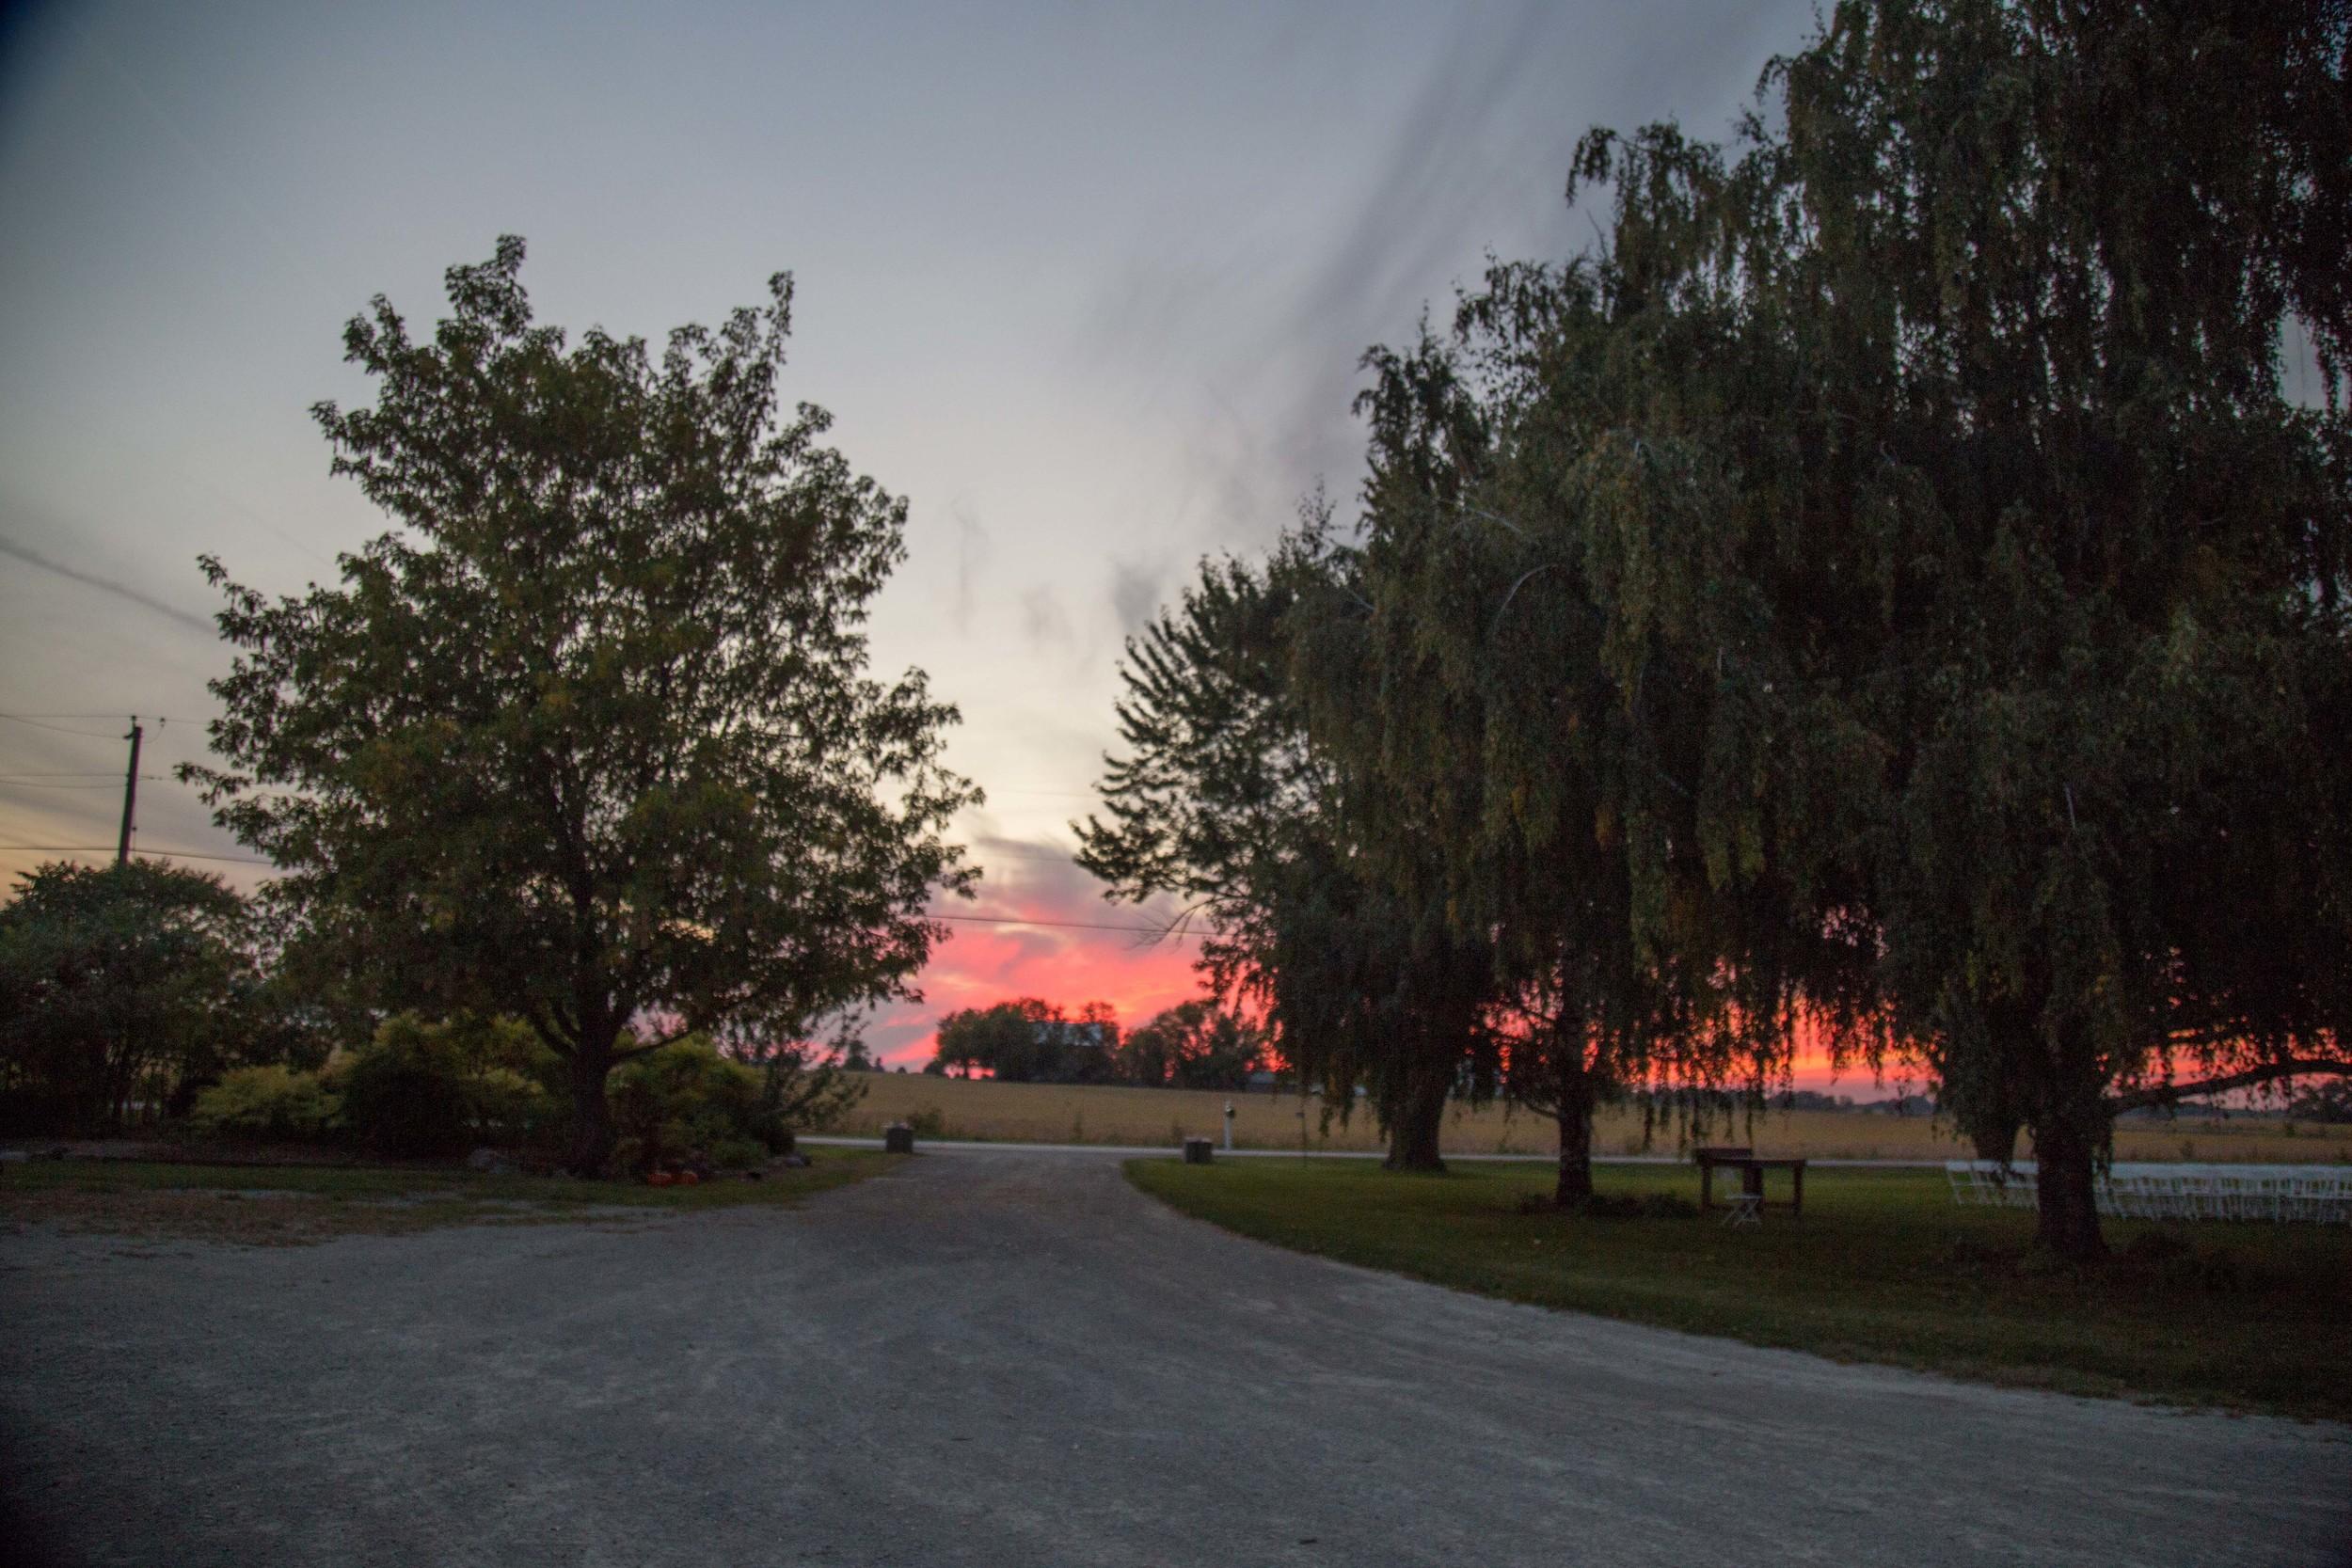 9_25-Birches_Driveway_Sunset_8467.jpg